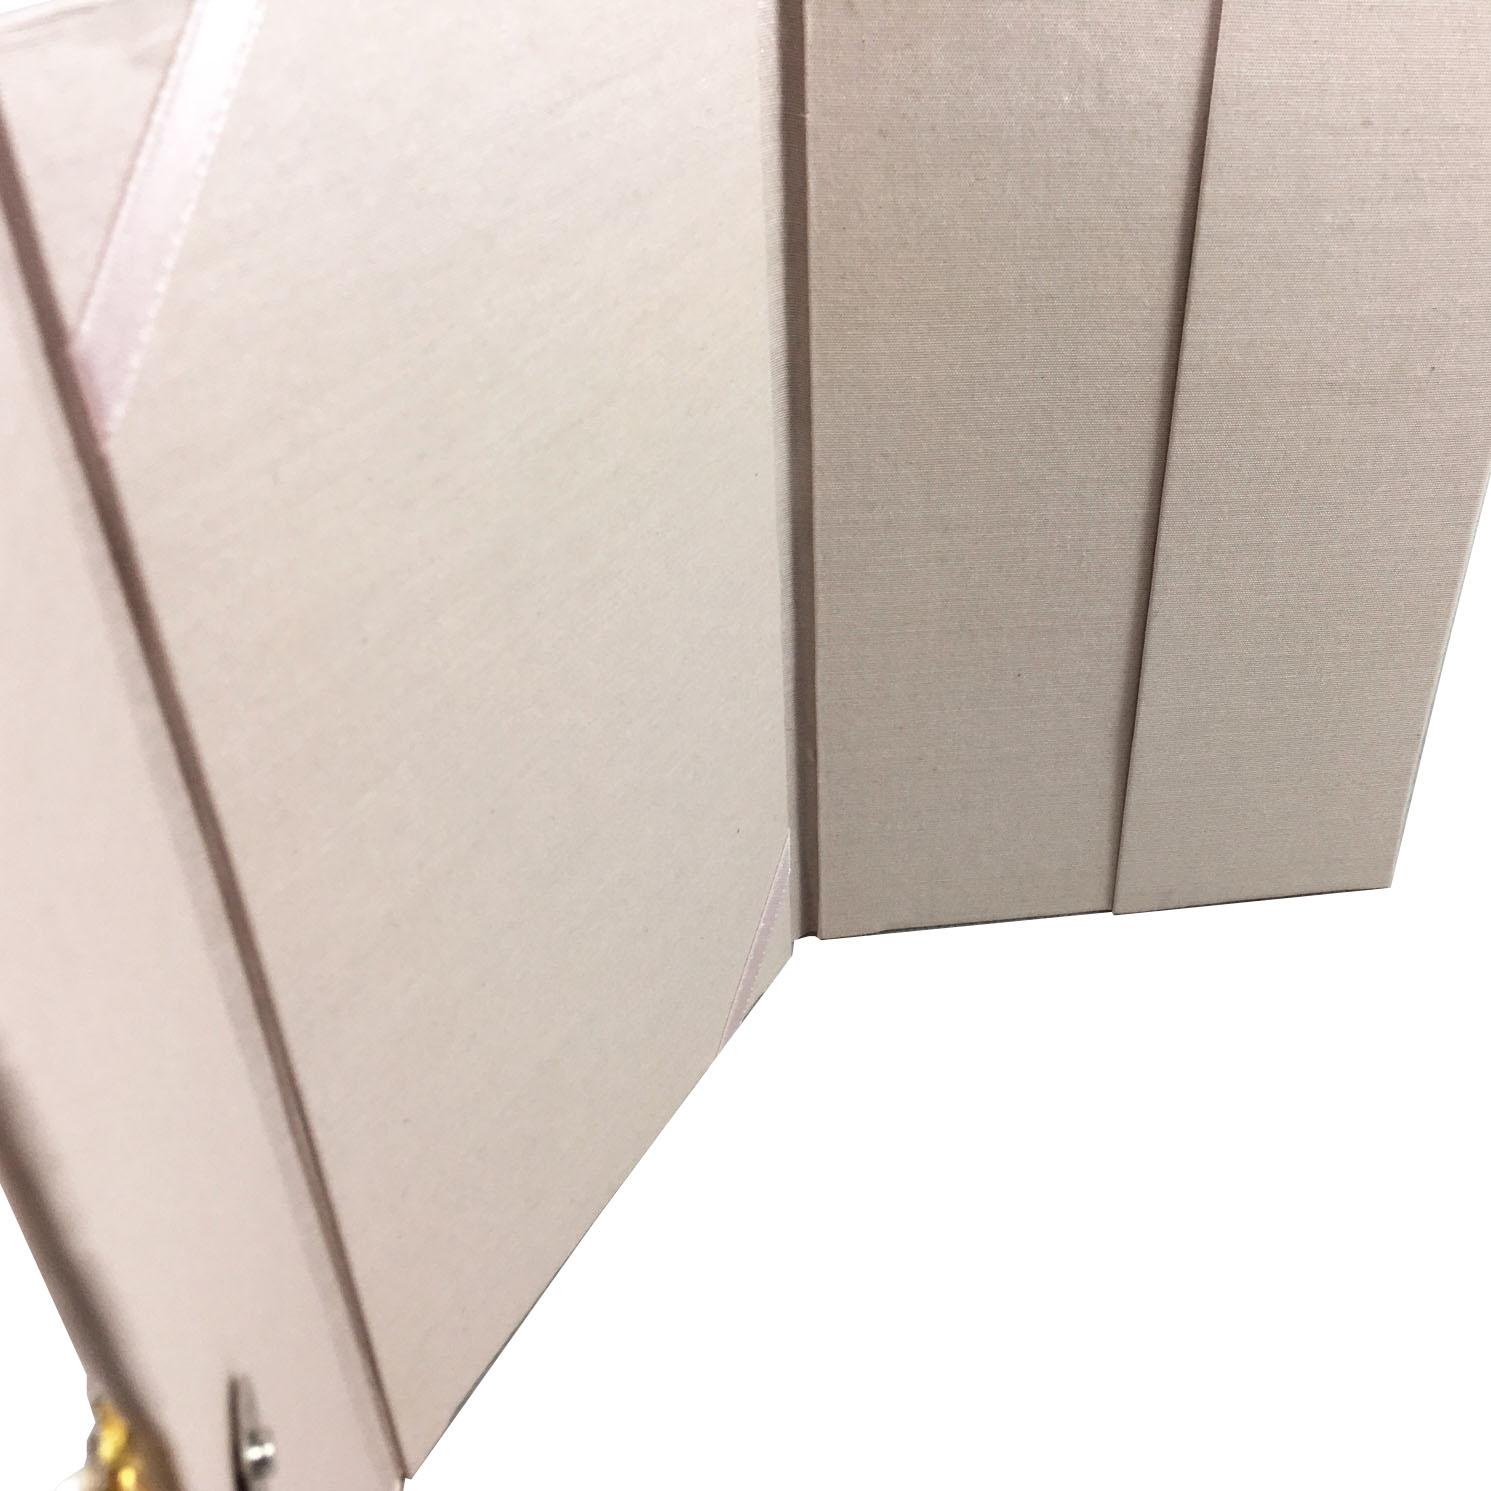 silk envelope interior